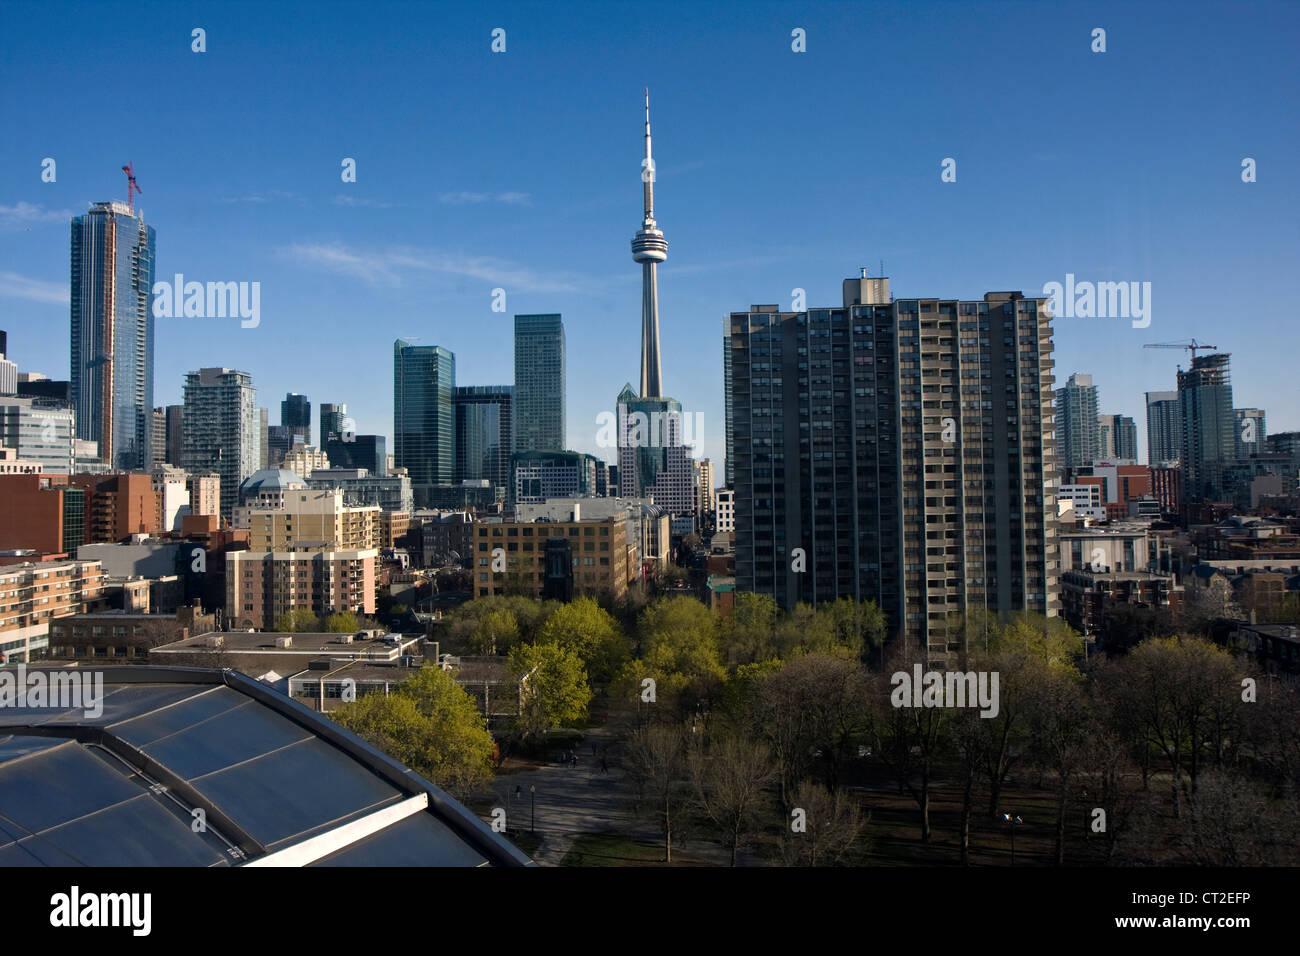 Lo skyline di Toronto e la vista in centro città Immagini Stock